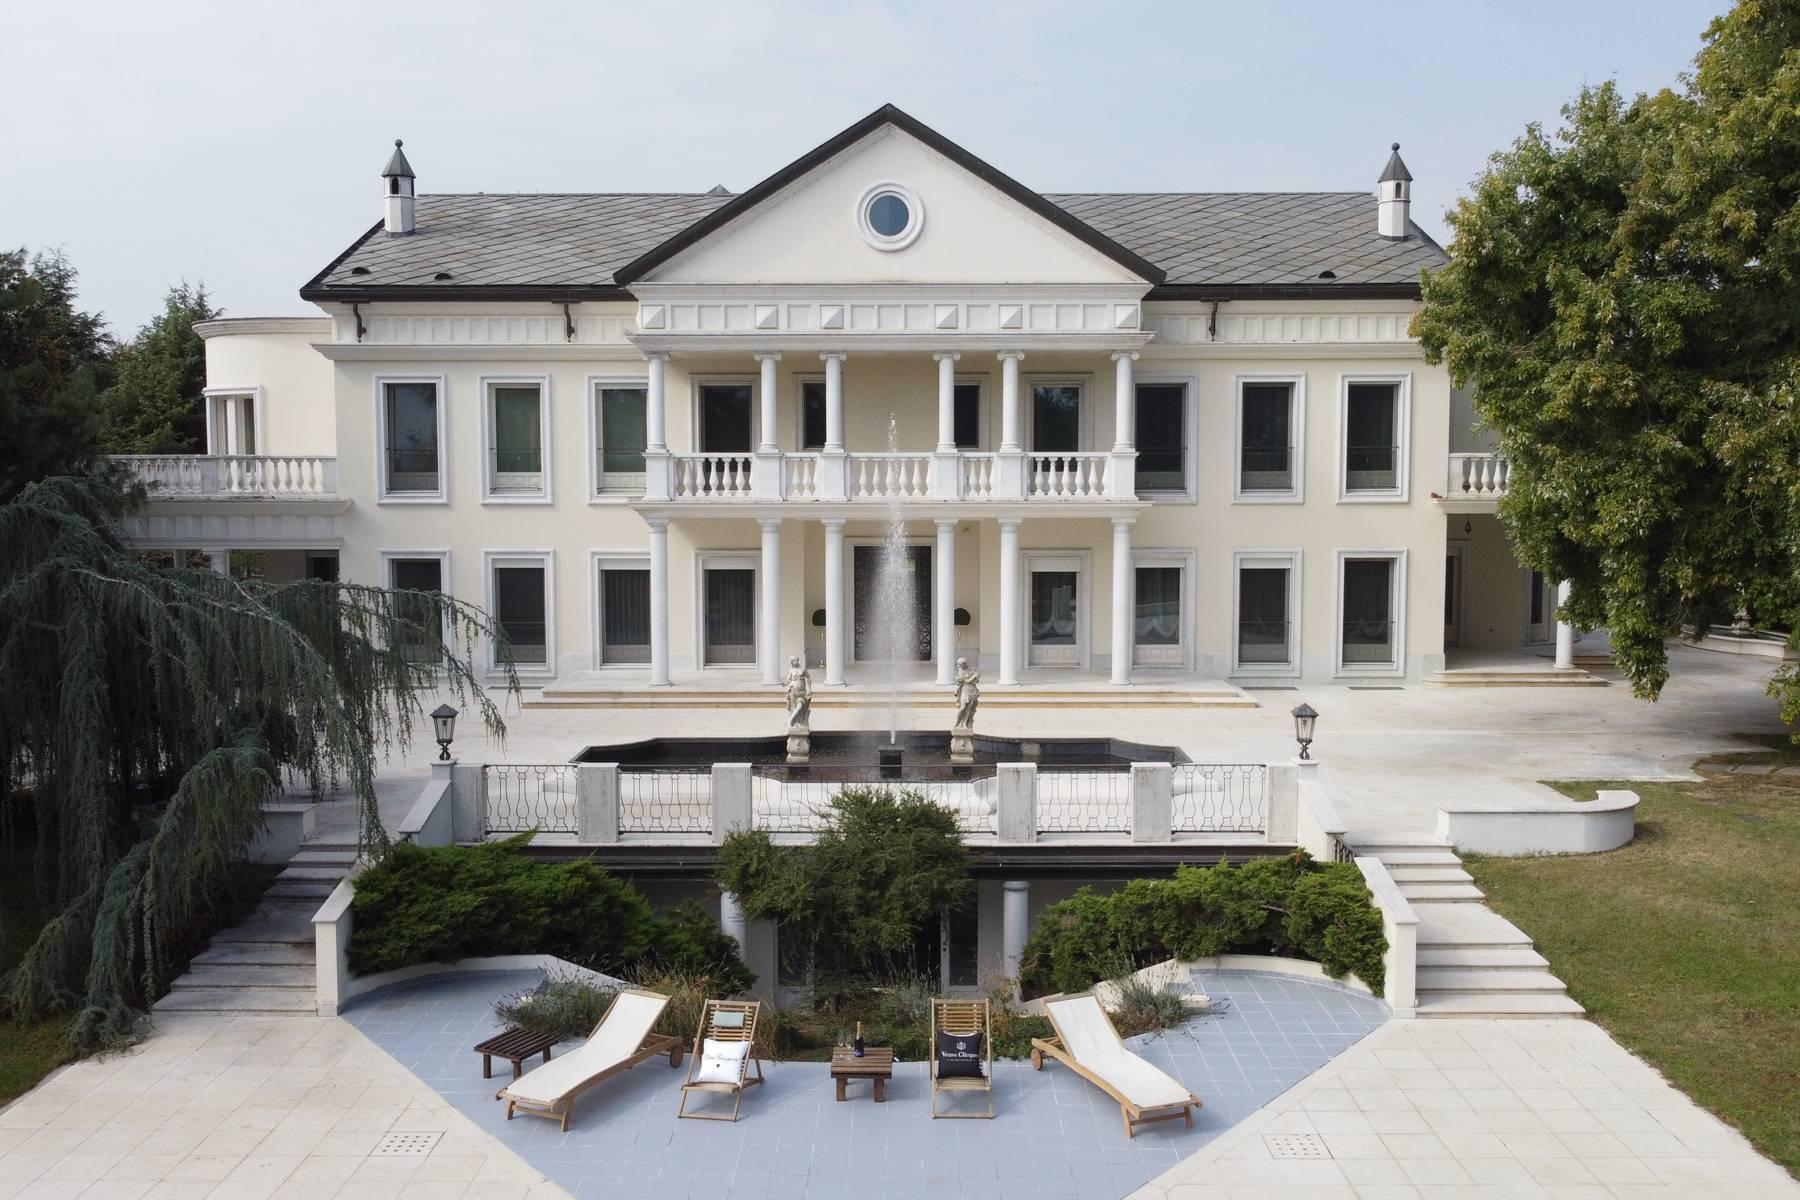 Lussuosa villa neoclassica con ampio parco e piscina - 4